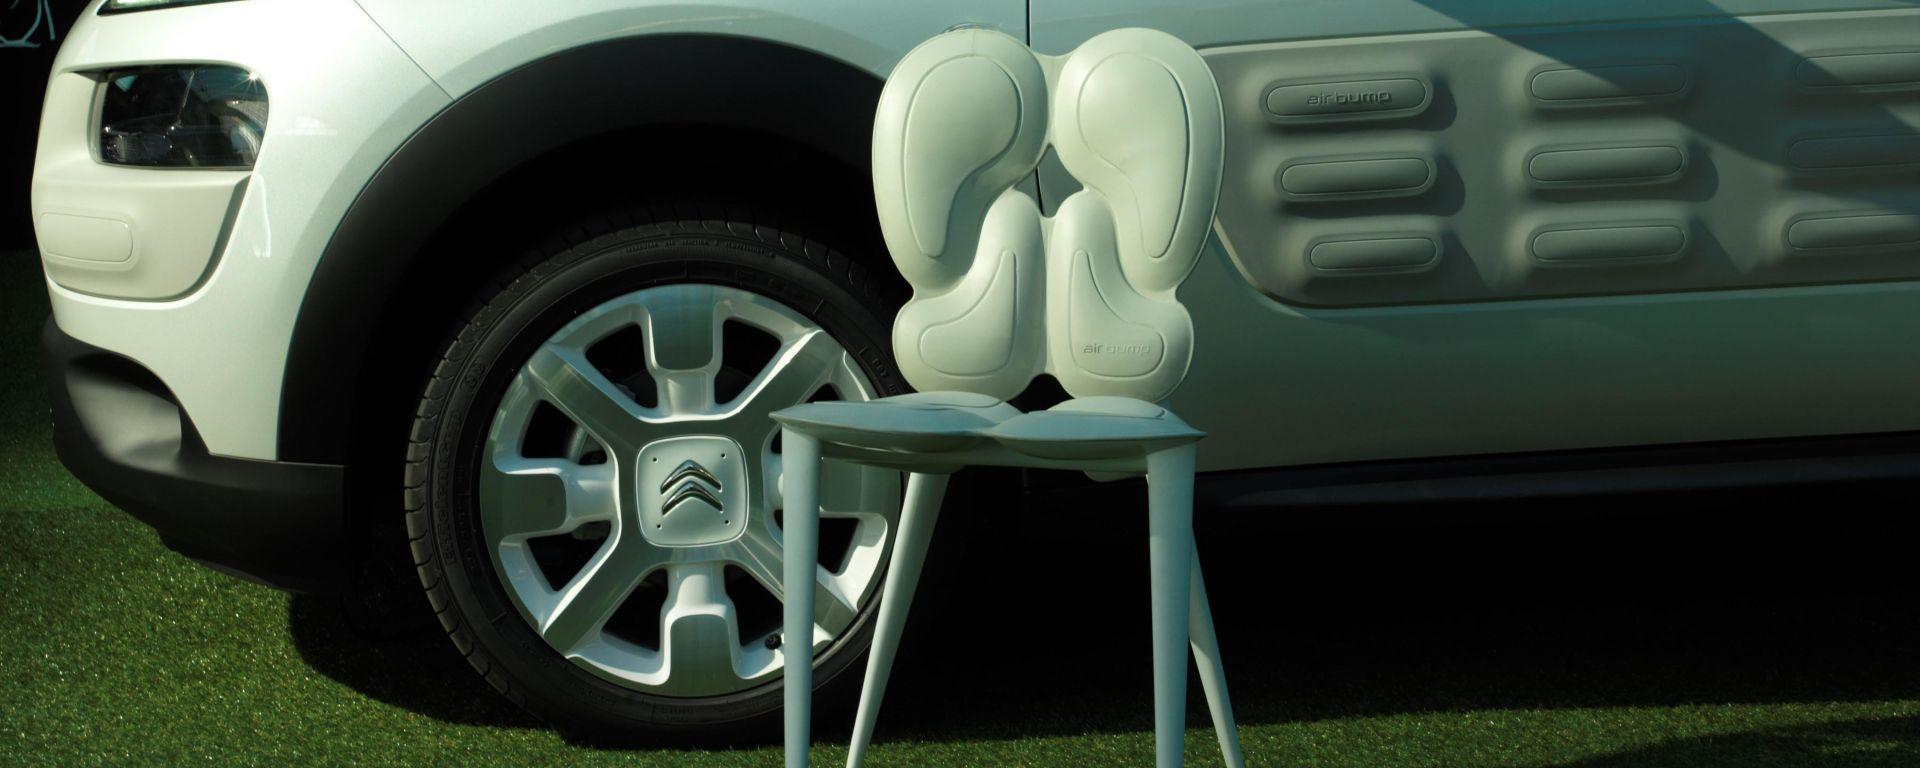 La Cactus Chair by Mario Bellini accanto alla Citroen C4 Cactus